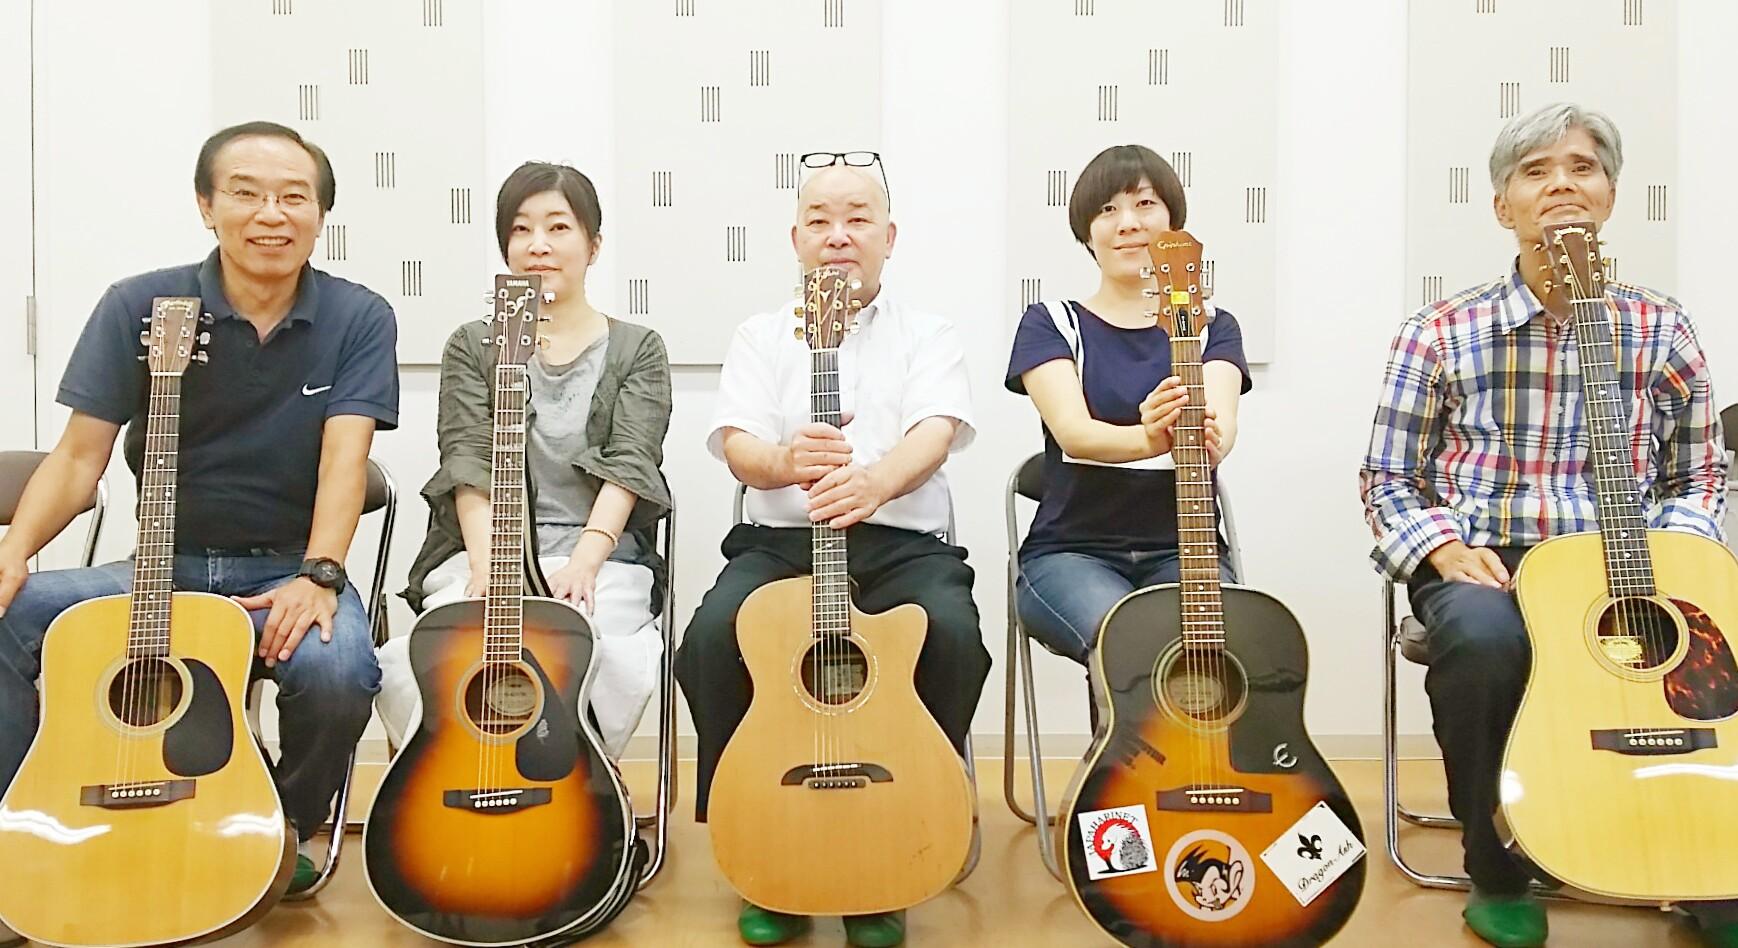 体験:ギターの無料レンタルあり! まる先生のフォークギター・1日体験教室 1月